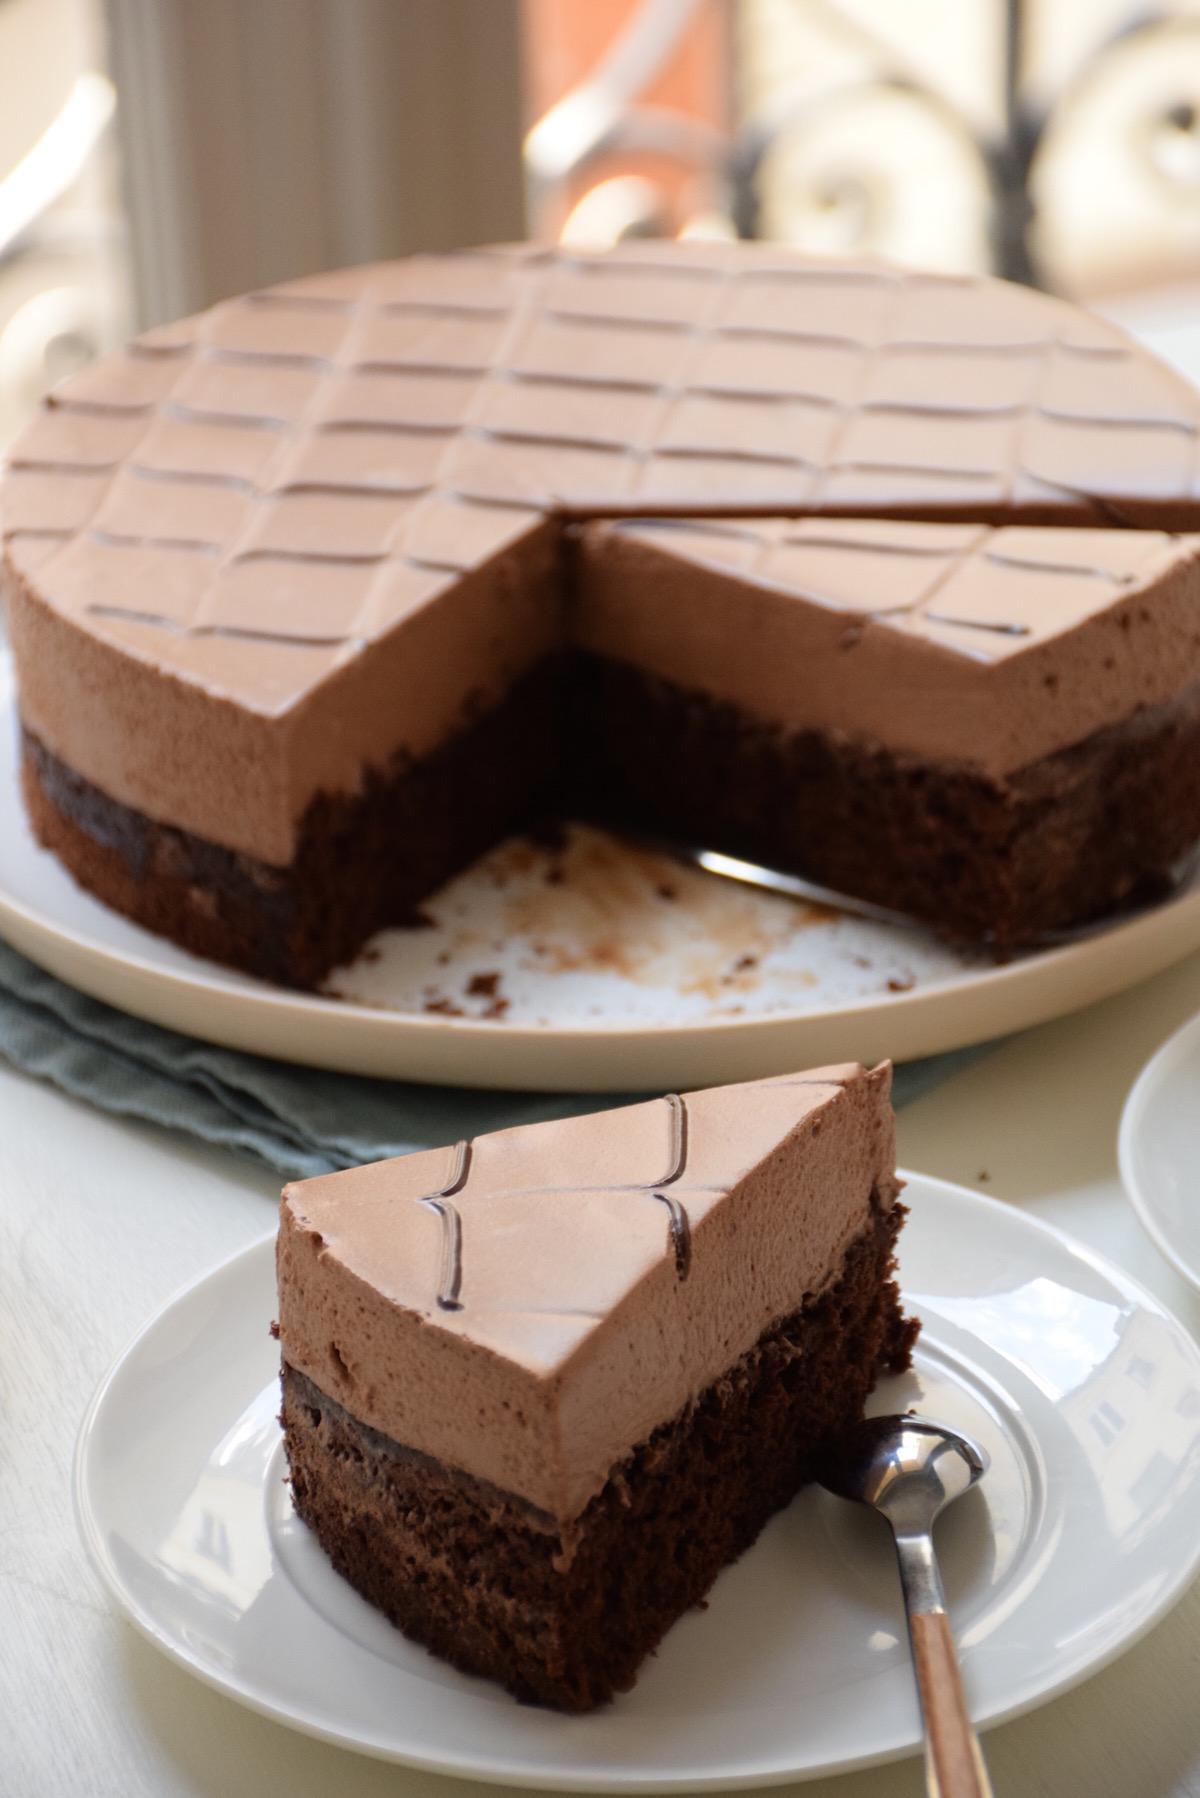 Gâteau Despacito, le fameaux gâteau brésilien café chocolat